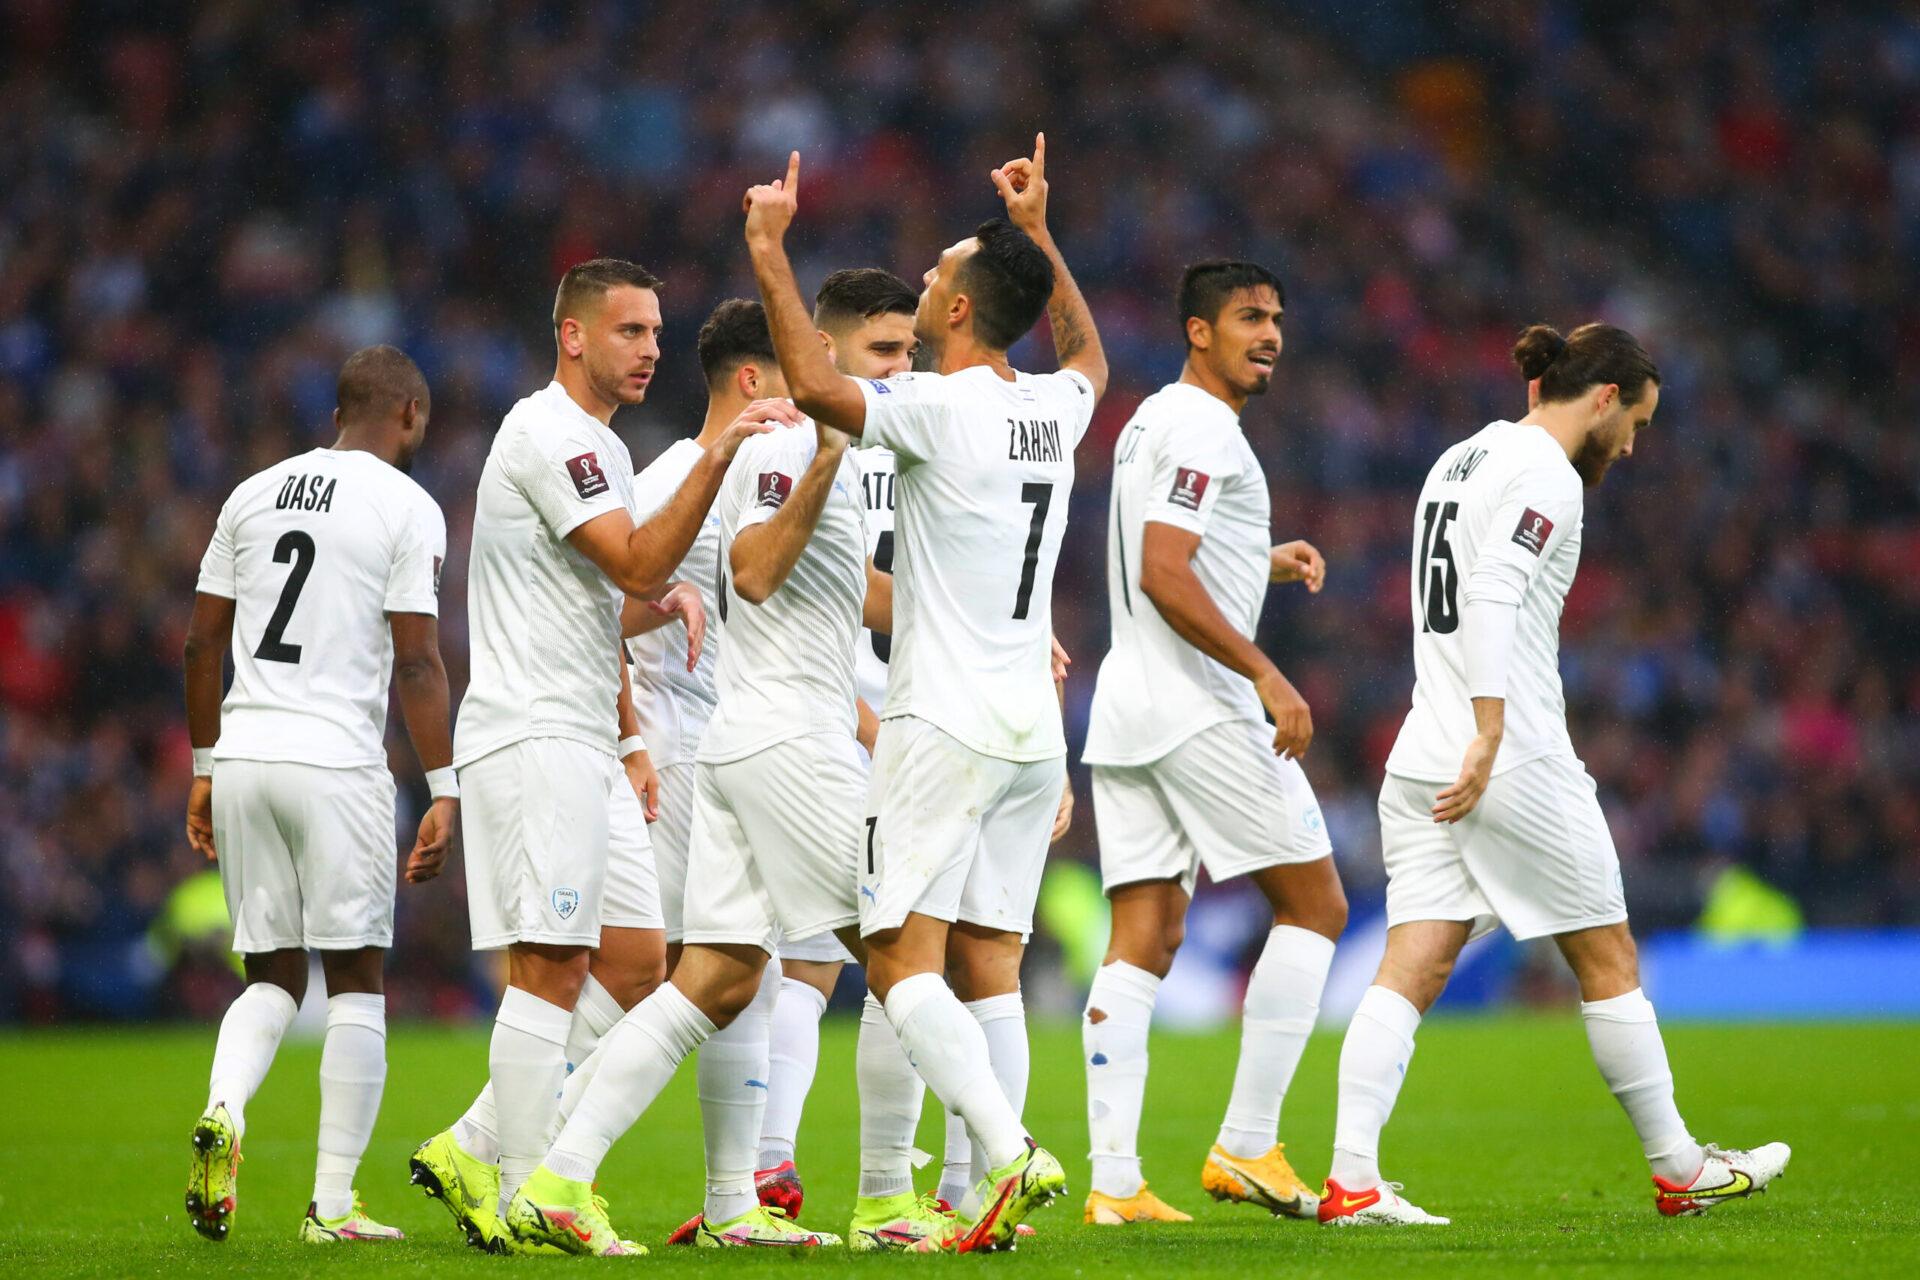 """Dans ses propos, Gianni Infantino a mis en avant la sélection israélienne de football dans laquelle """"juifs et musulmans jouent ensemble"""" (iconsport)"""